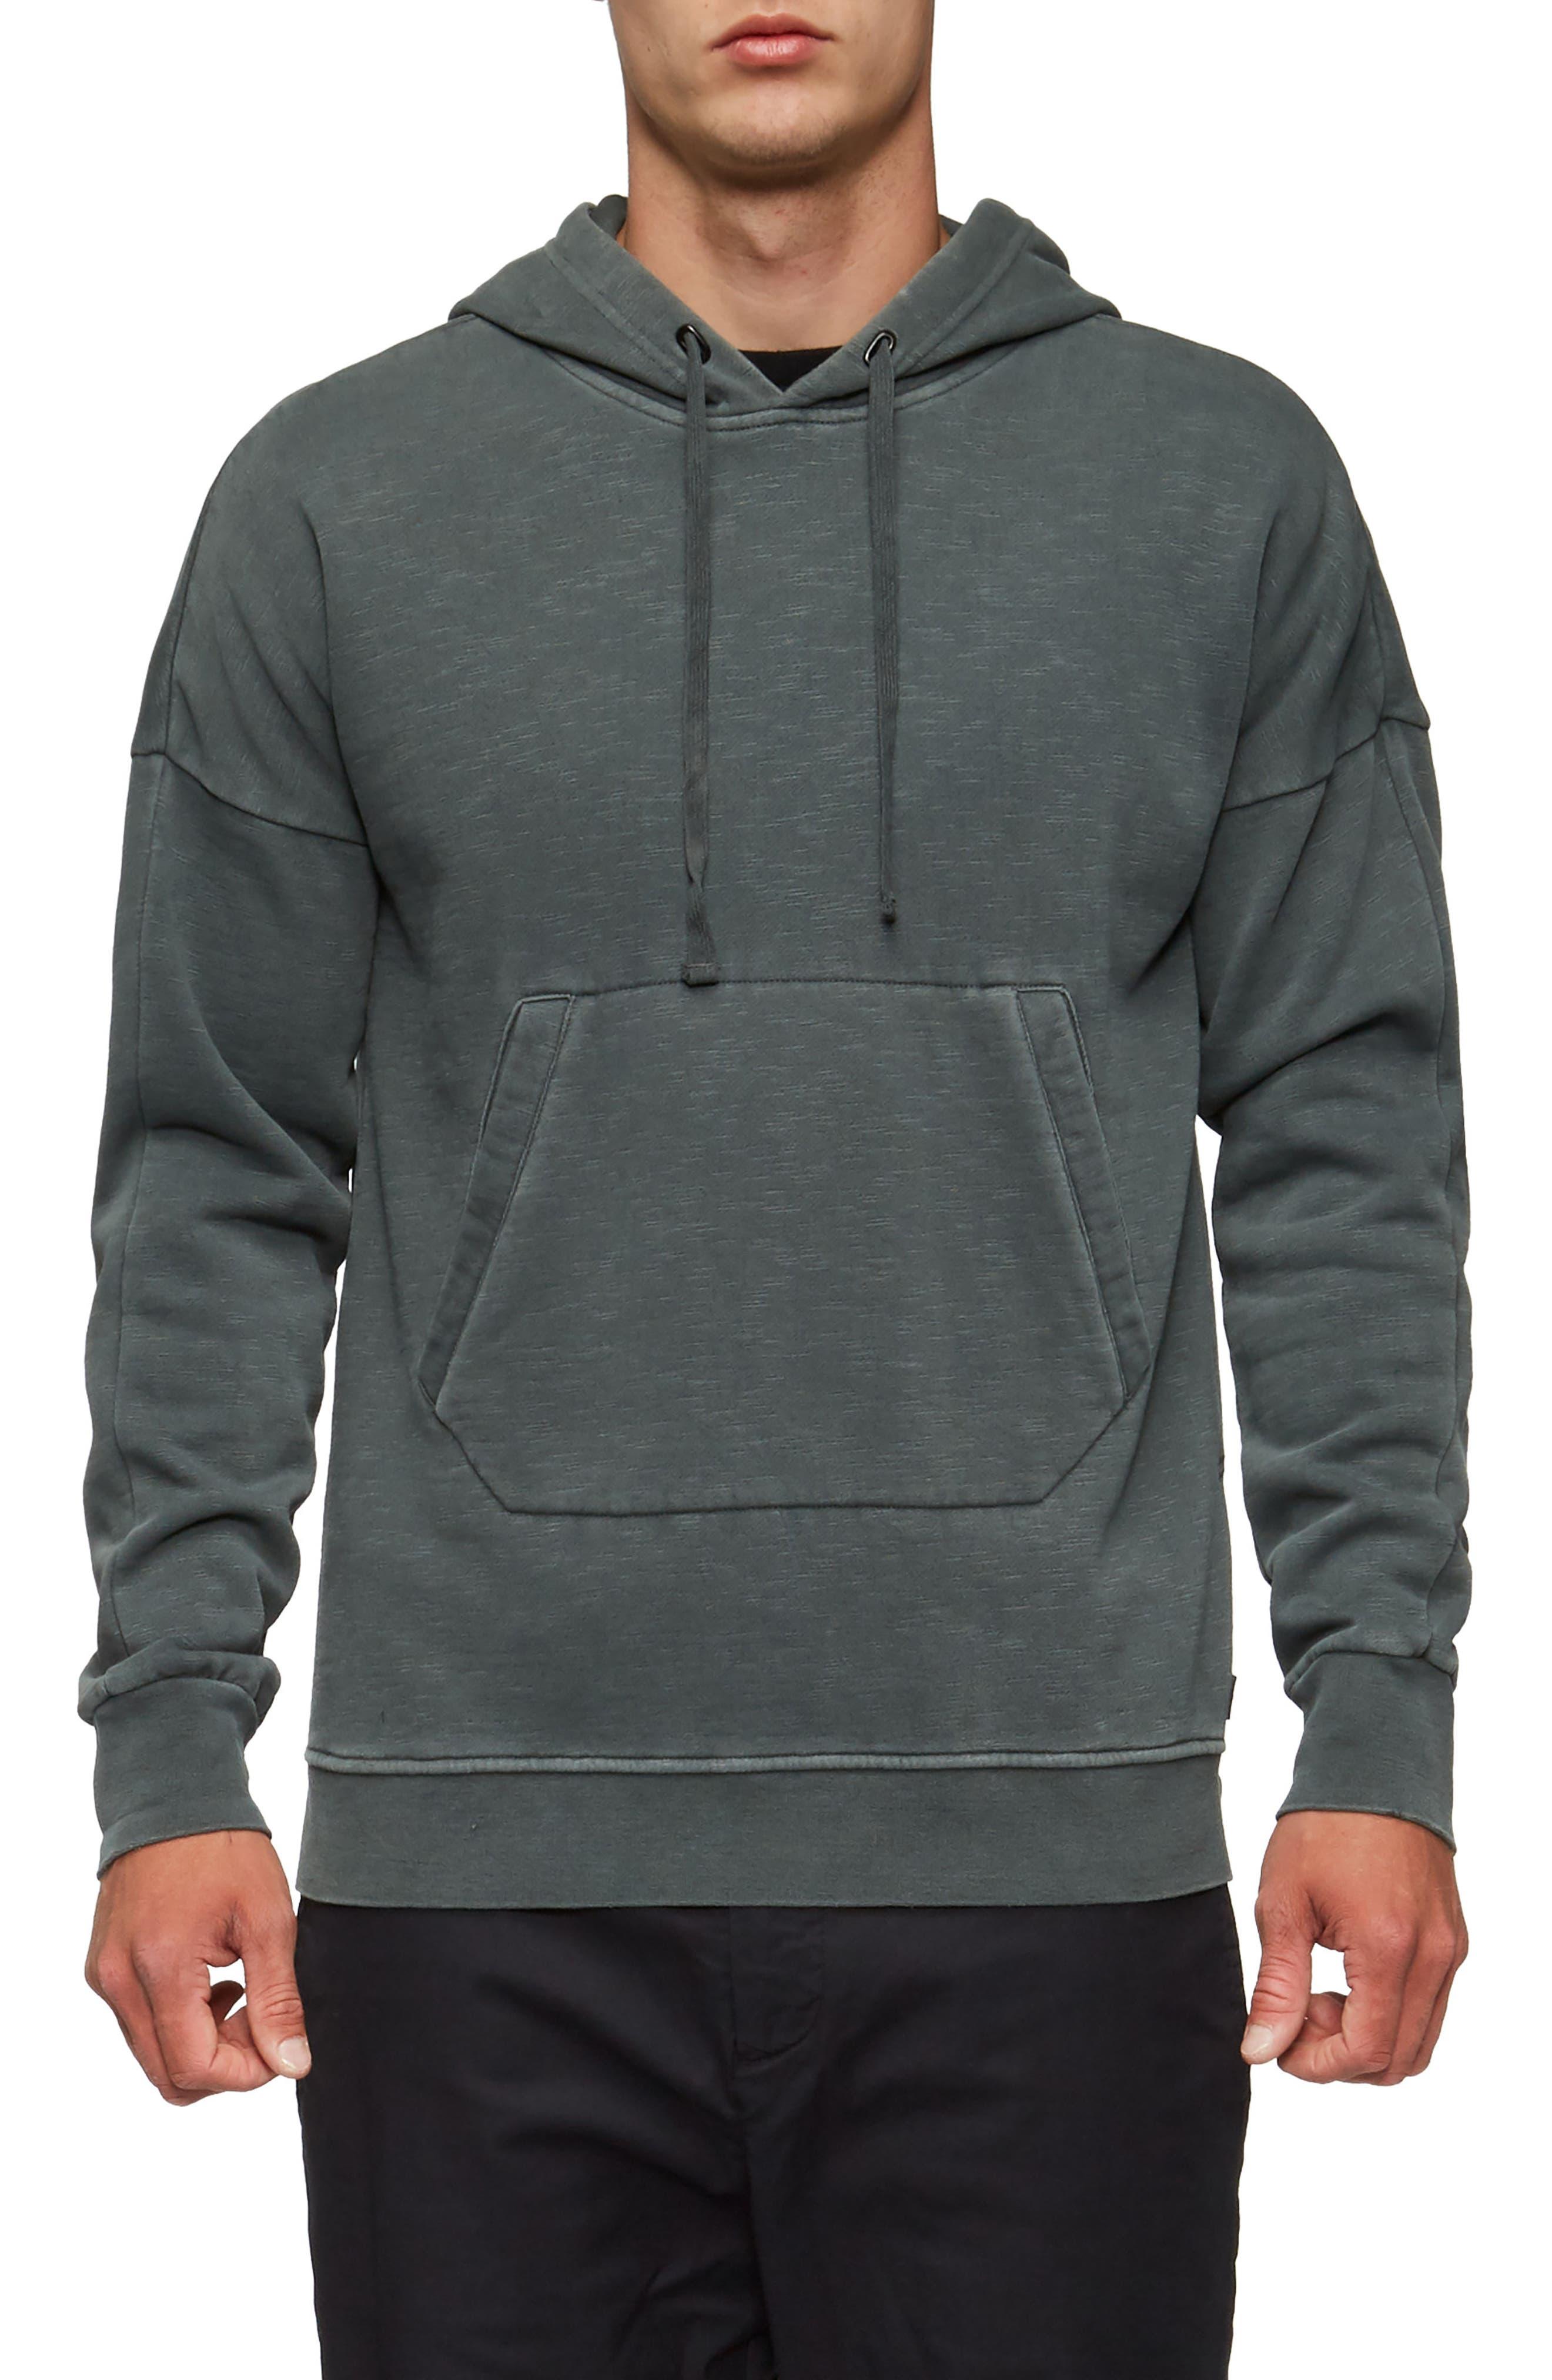 Turf Hooded Sweatshirt,                         Main,                         color, Surplus Green